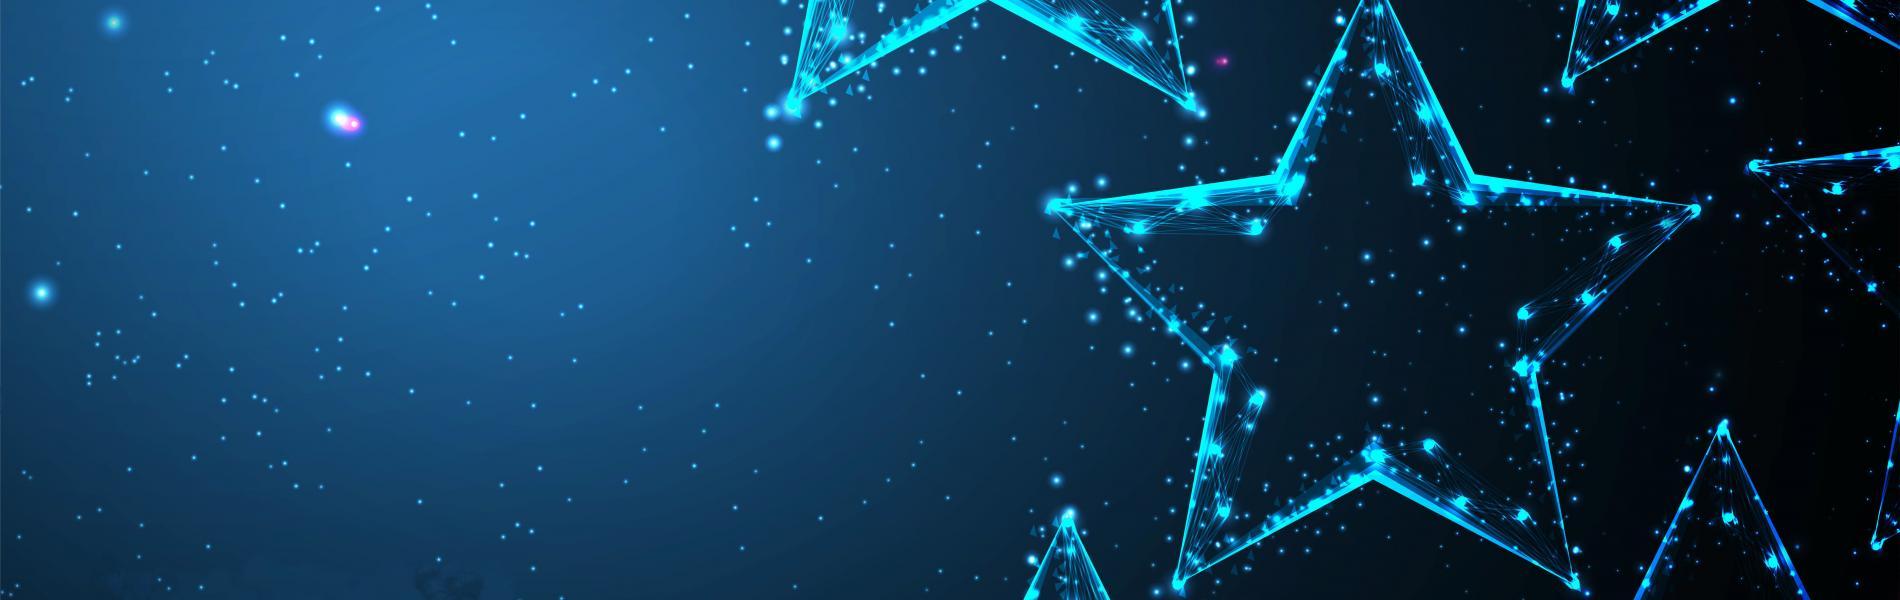 blue stars on dark blue background